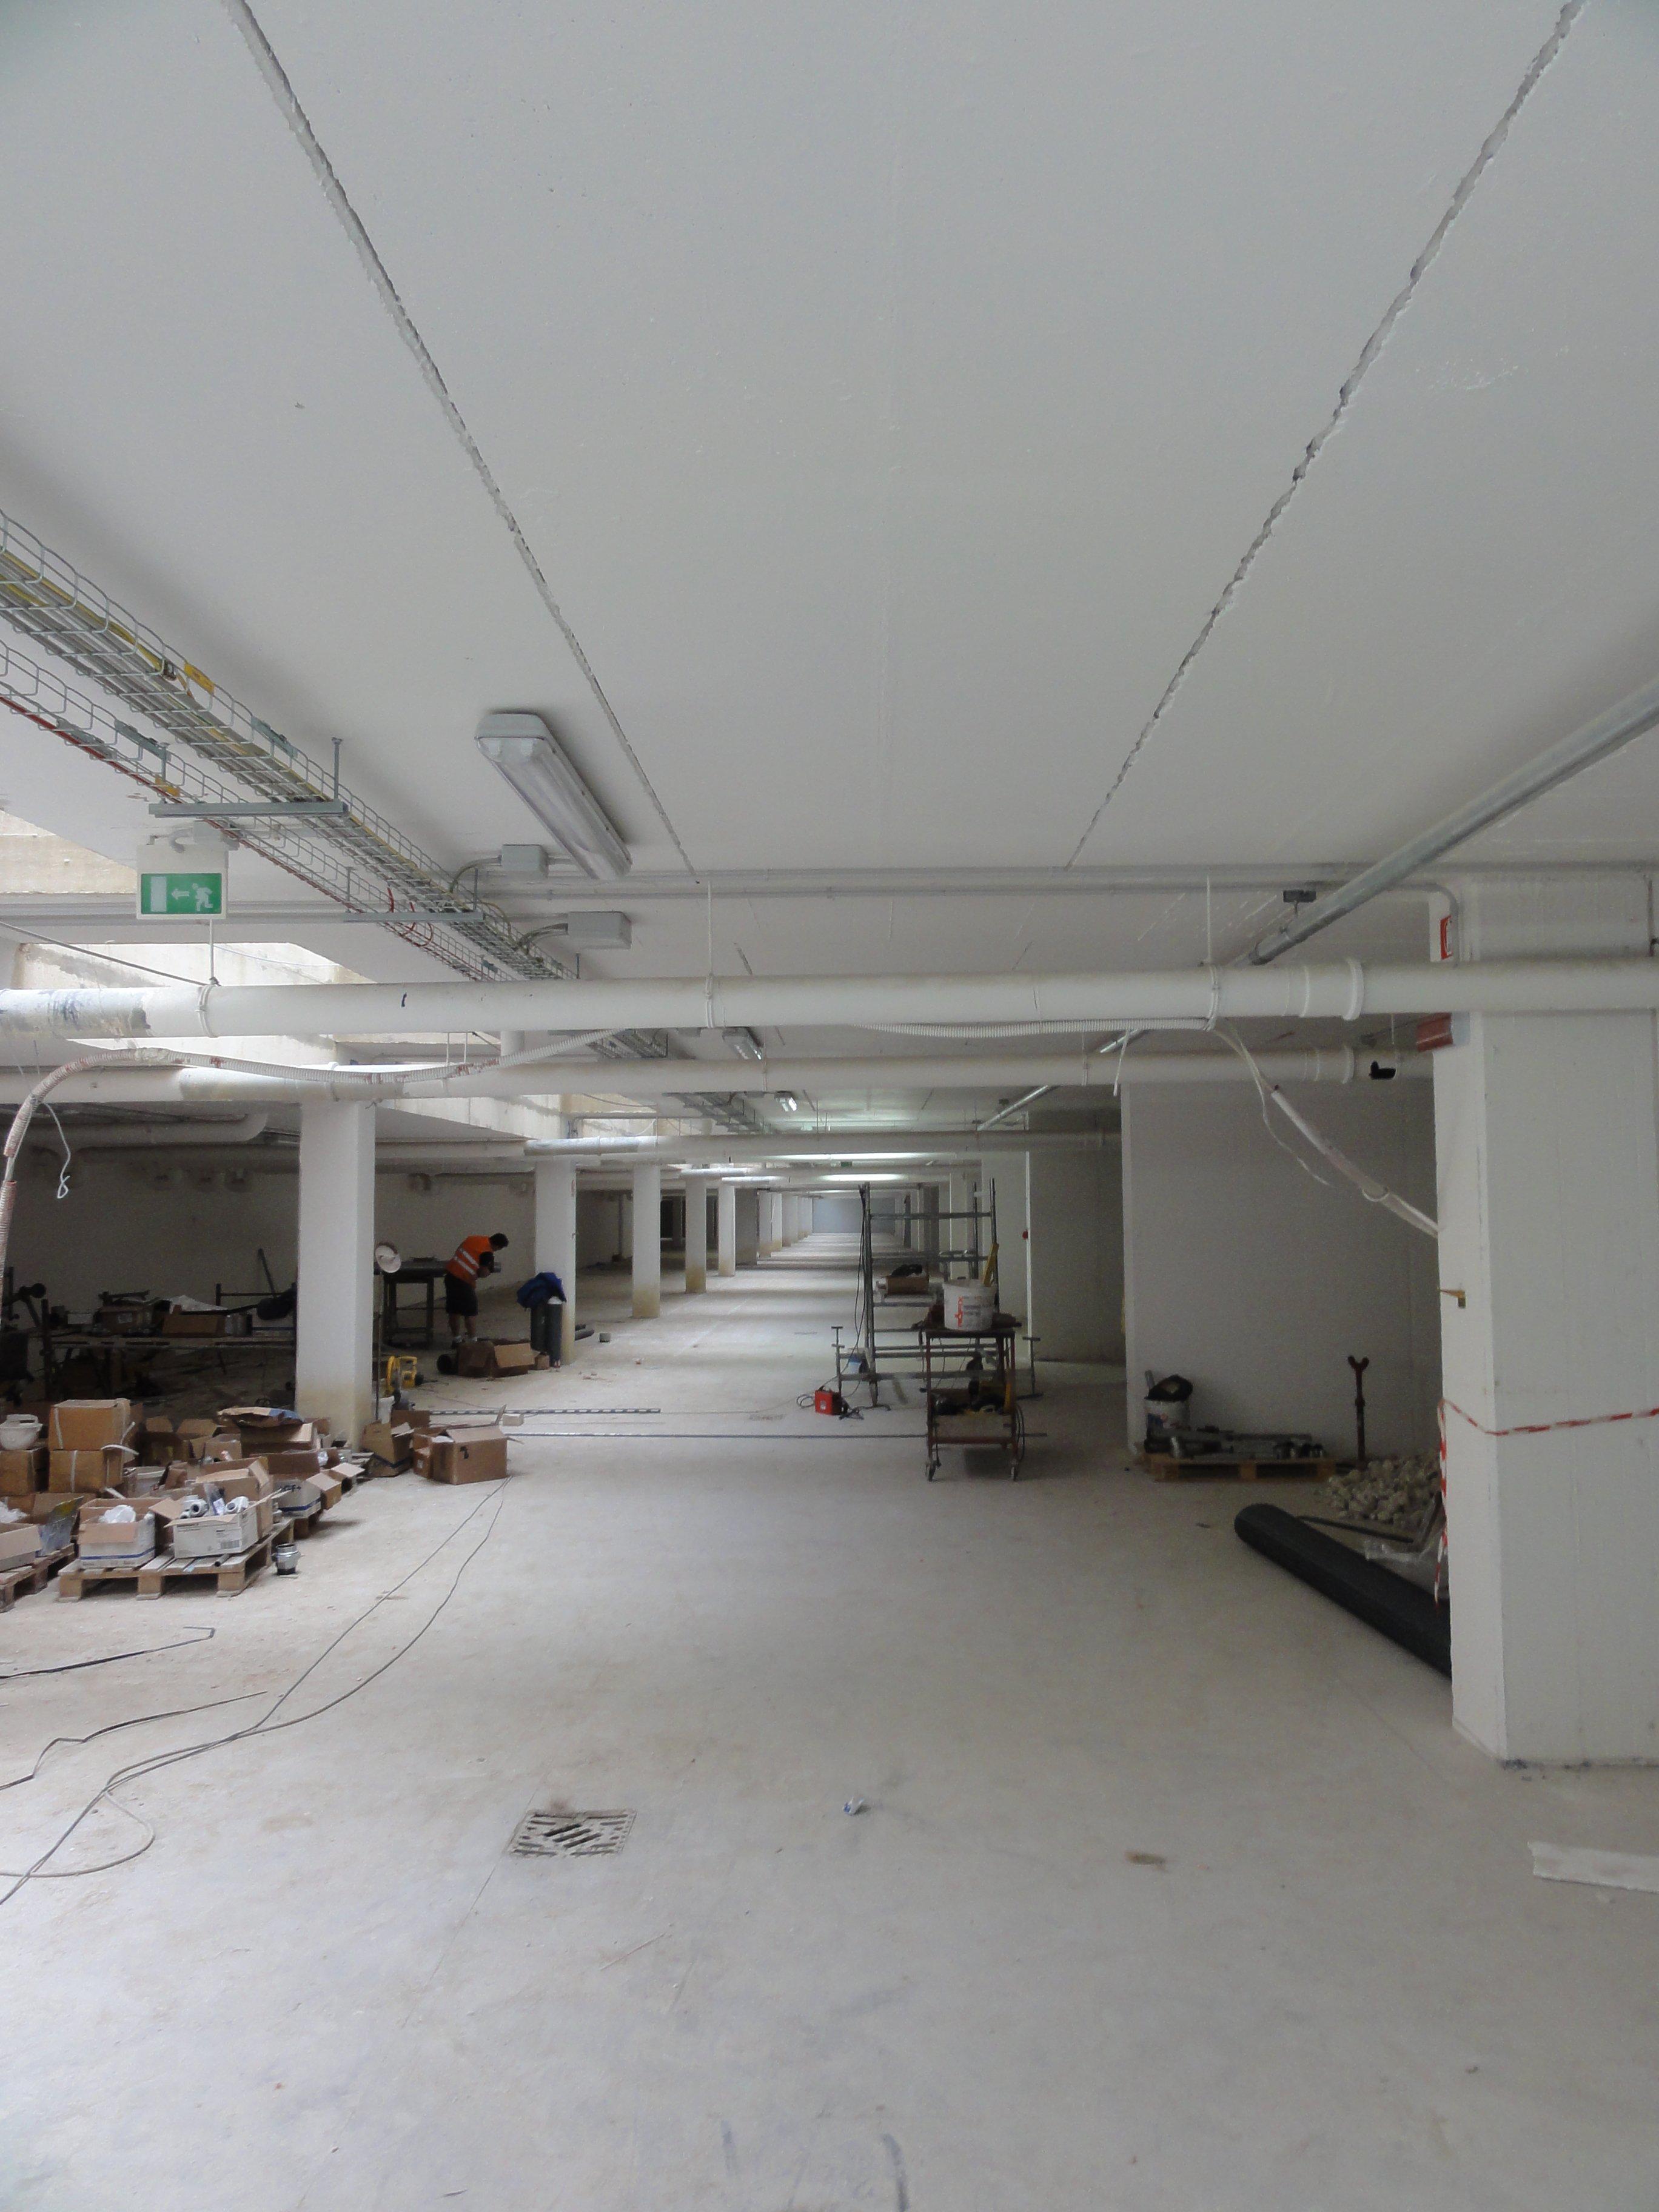 parcheggio sotterraneo in costruzione